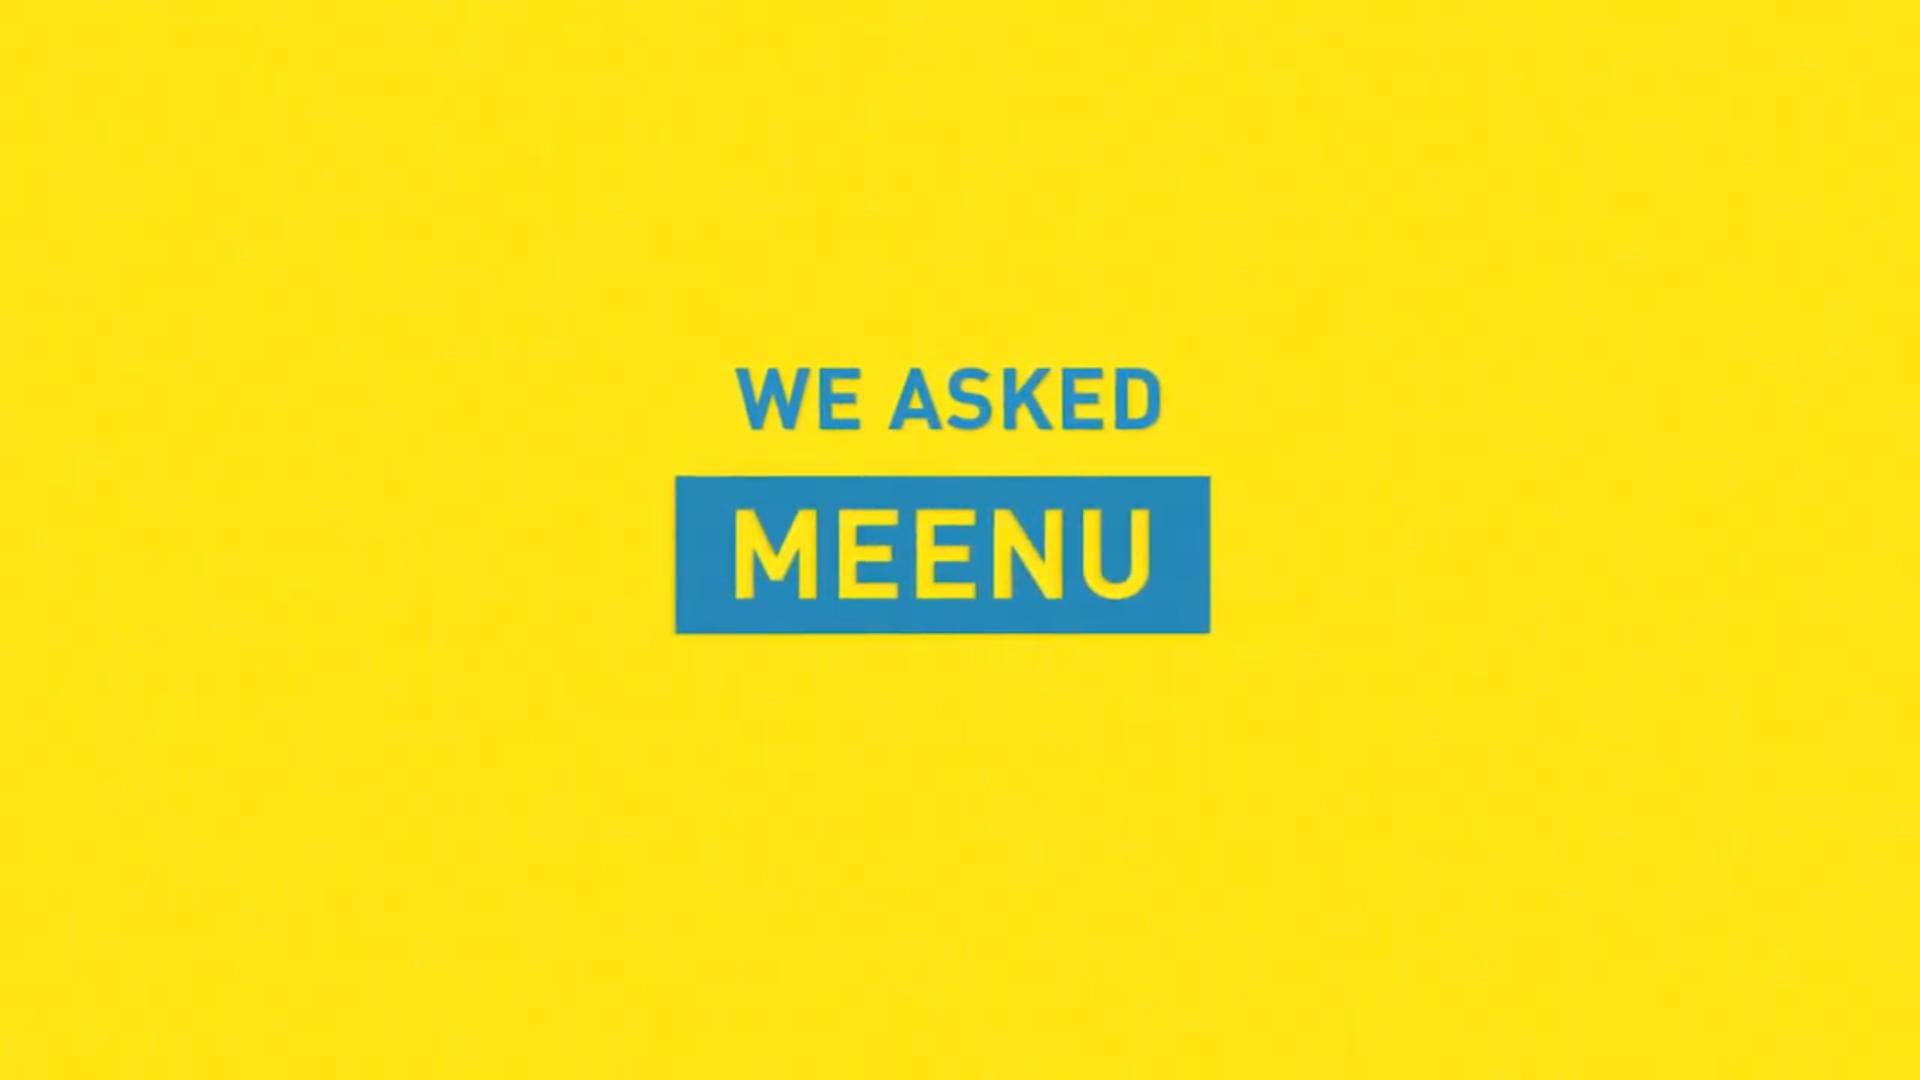 we asked meenu splash image